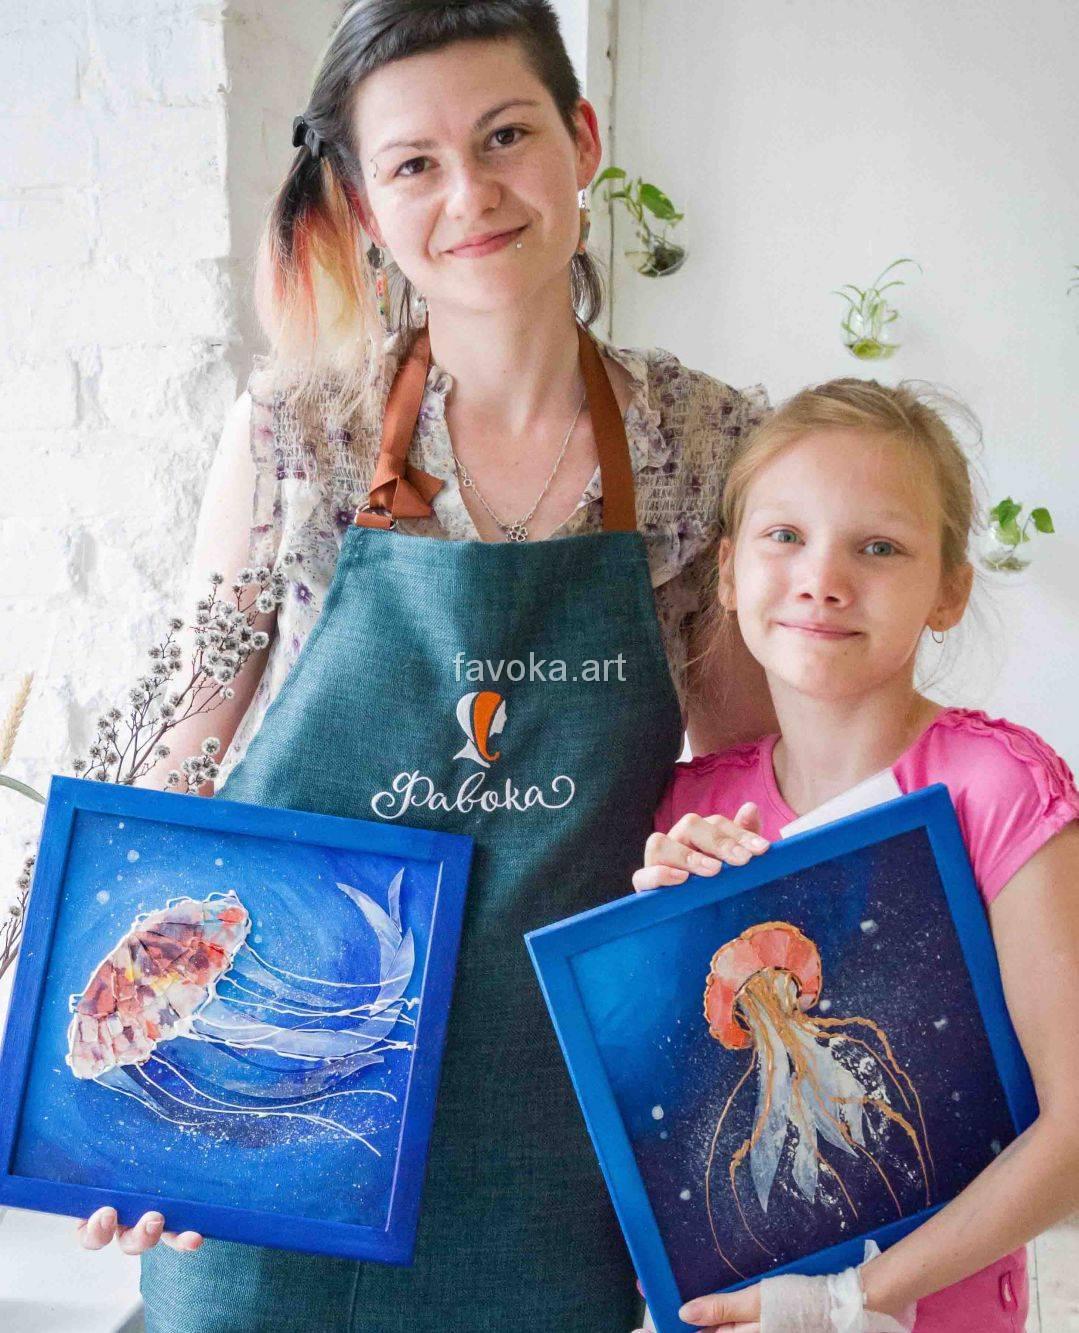 """Слева наш мастер-художник Карина - Фавока,со своей работой из мозаики - """"Медуза"""", а справа наша ученица с красивейшей работой, на которой изображён красивейший морской эскиз - медуза в море, сделанной из мозаики, после нашего мастер-класса """"Медуза""""."""